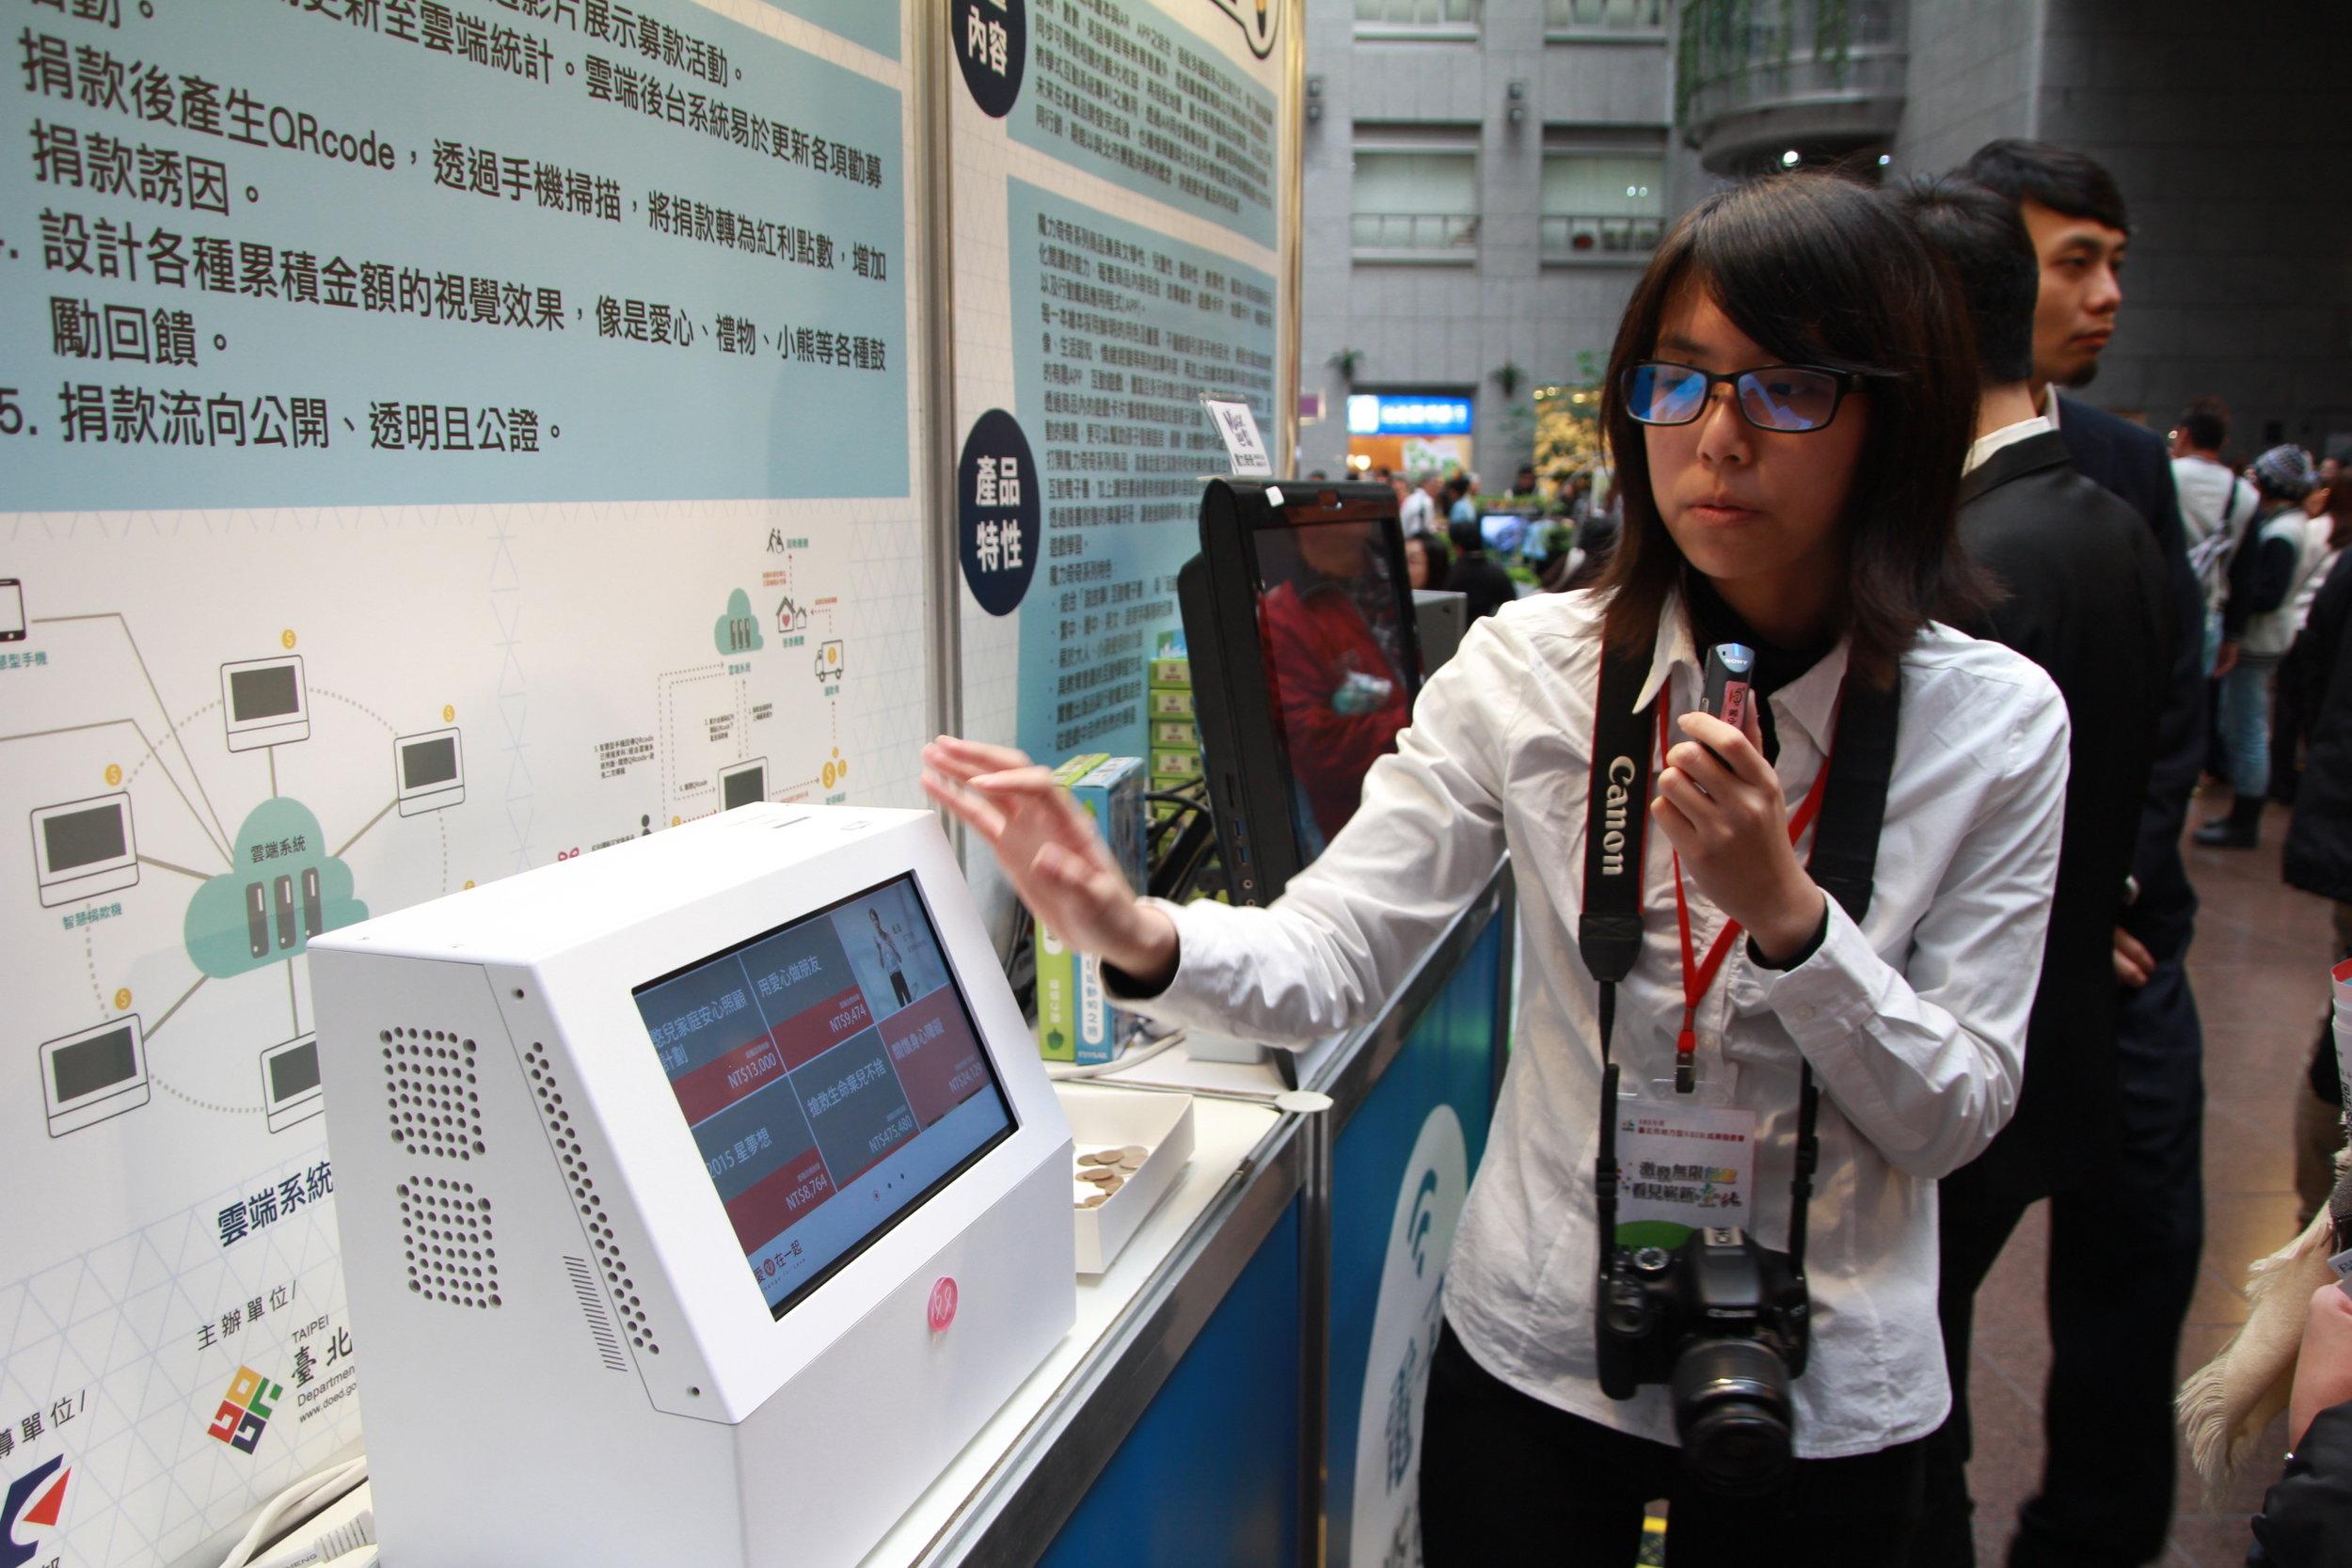 iWi 智慧捐款機於3月26日在臺北市政府一樓沈葆楨廳舉辦的成果發表會首度發表。